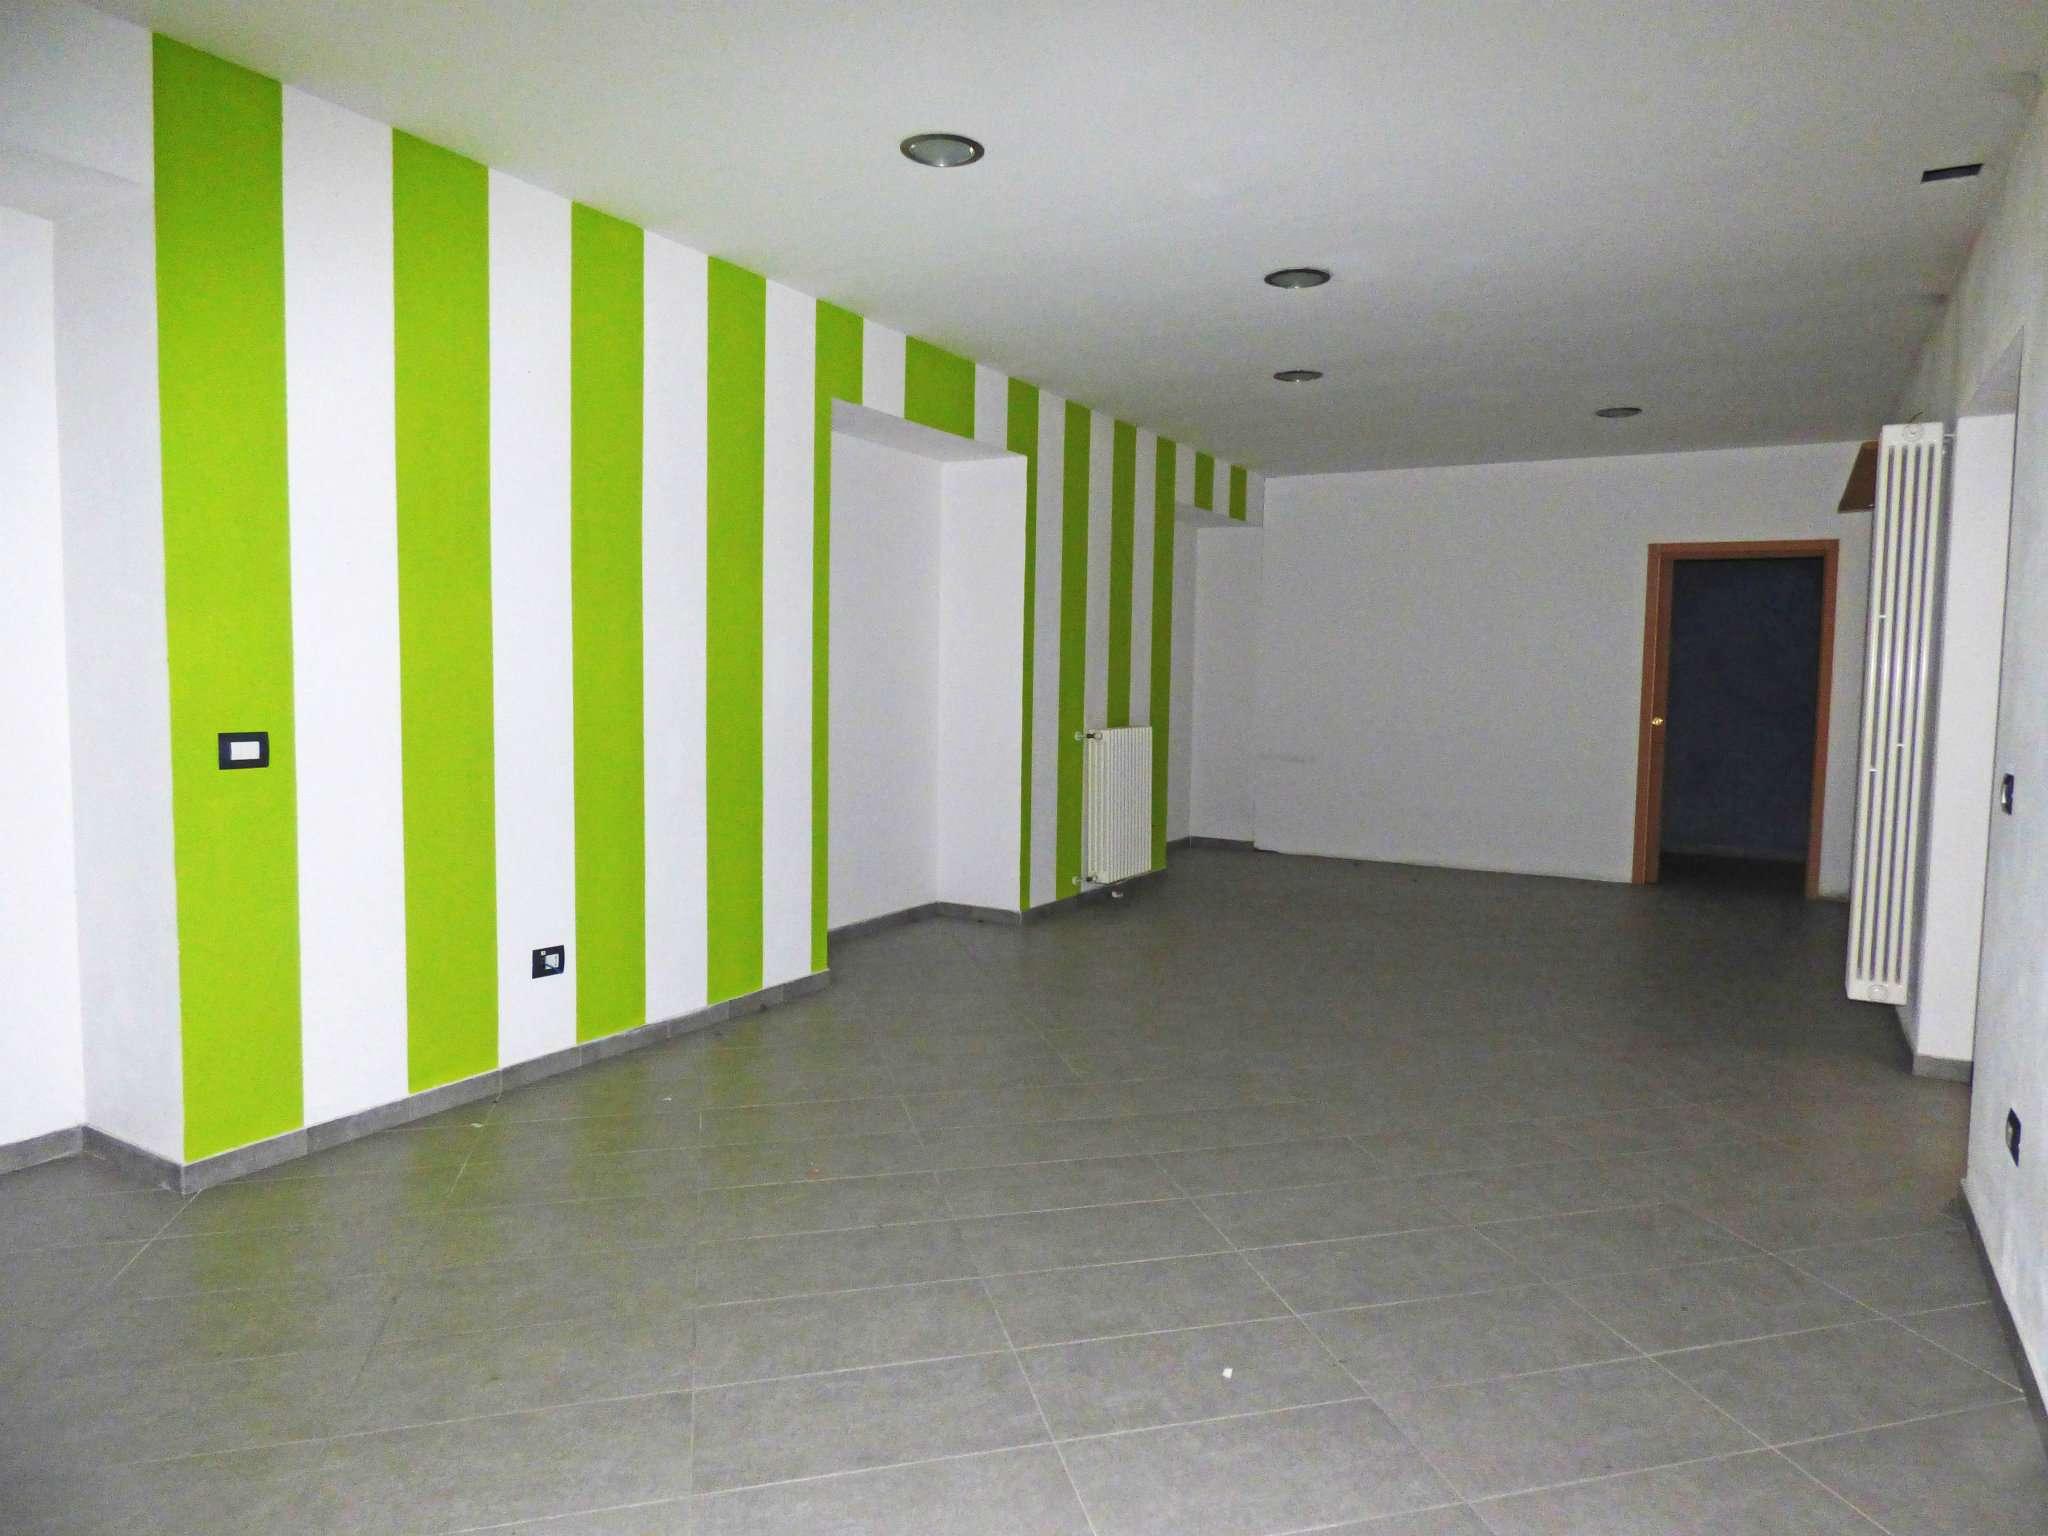 Ufficio in vendita Zona Cit Turin, San Donato, Campidoglio - via Pinelli Torino